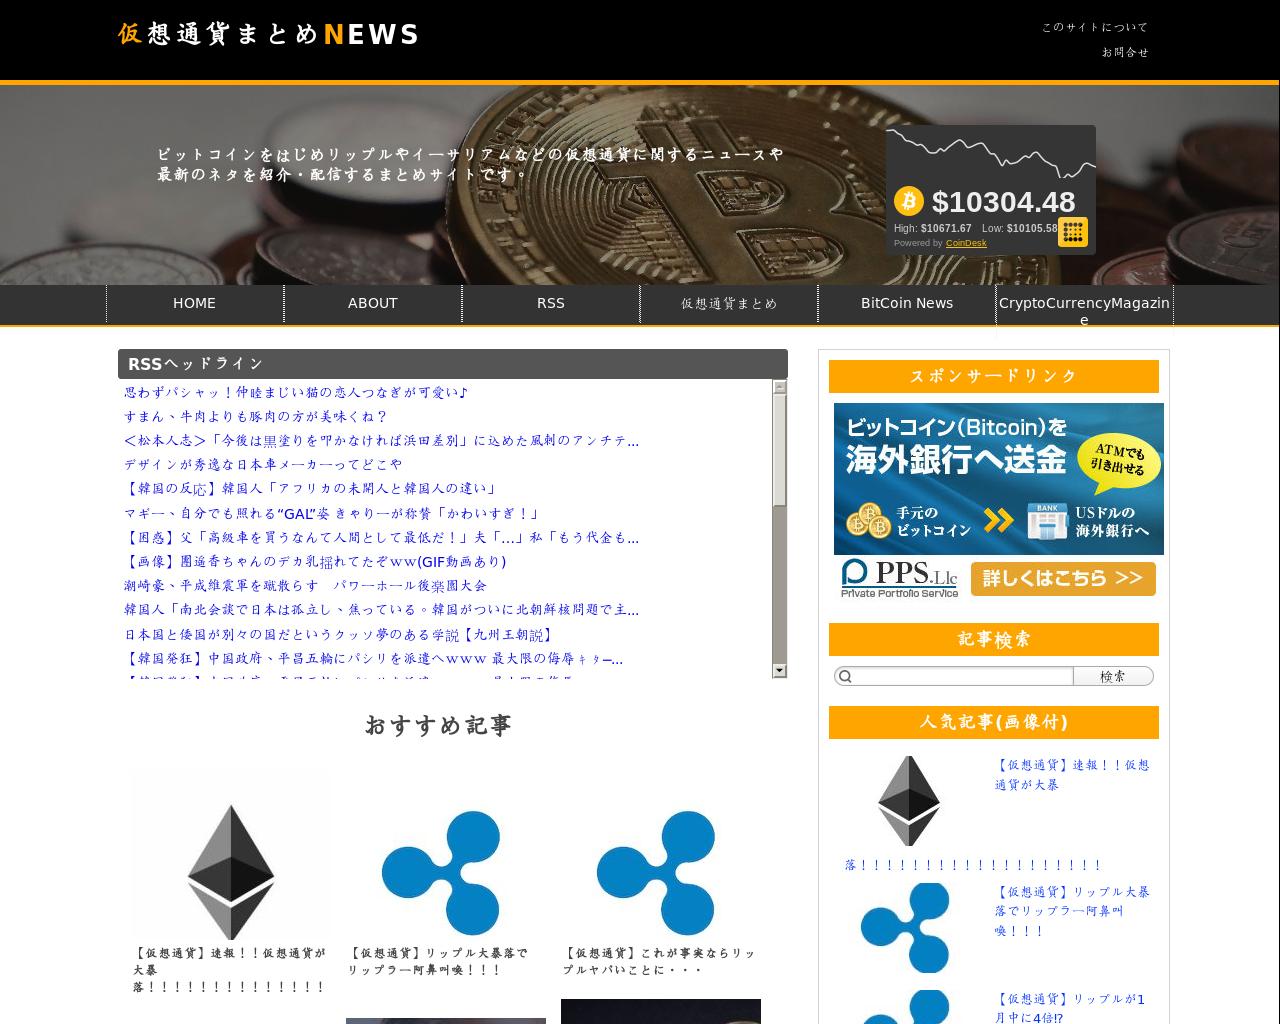 coinmatomesokuho.blog.jp(2018/01/17 19:40:43)